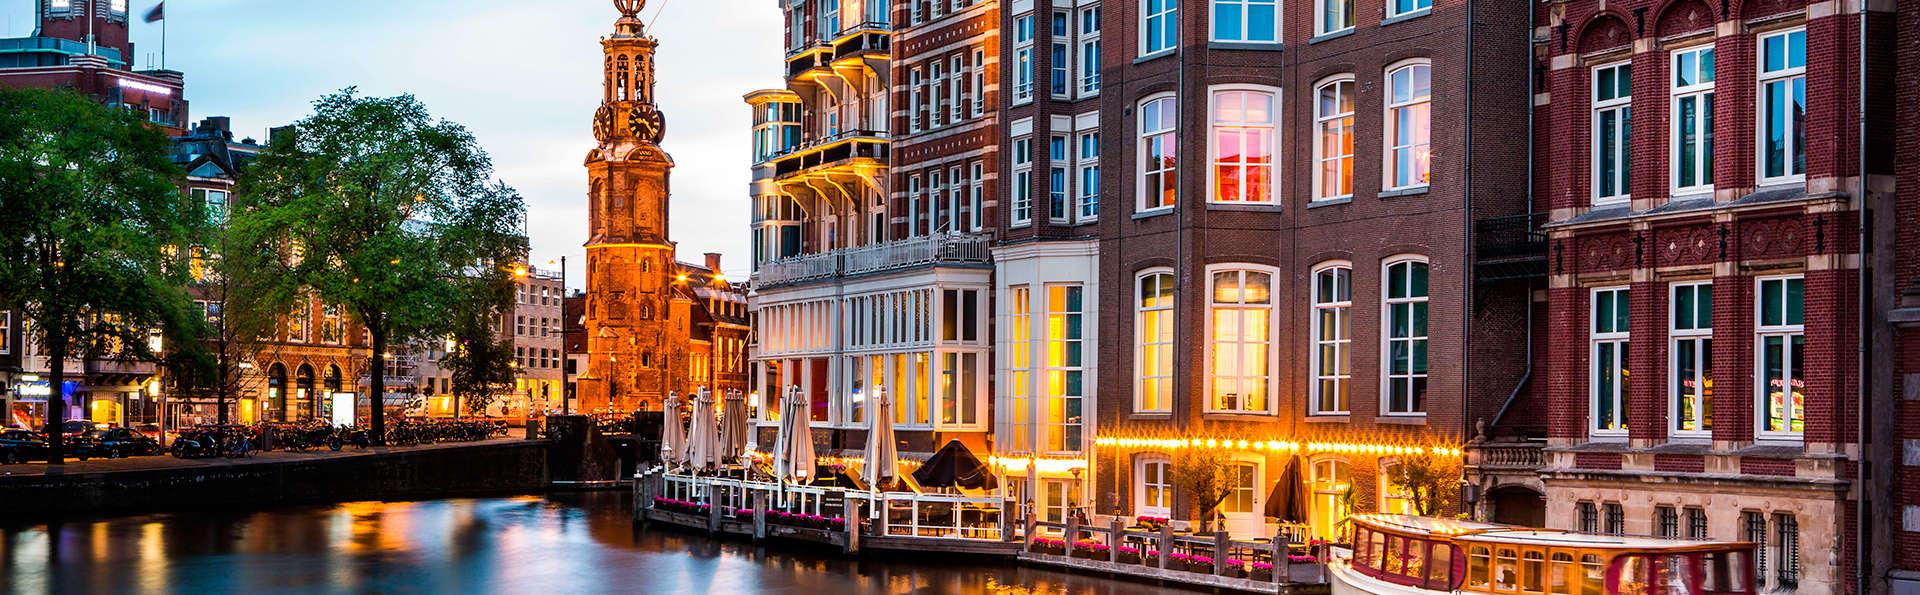 Profitez de la tranquillité d'Hoofddorp et passez un peu de temps à Amsterdam